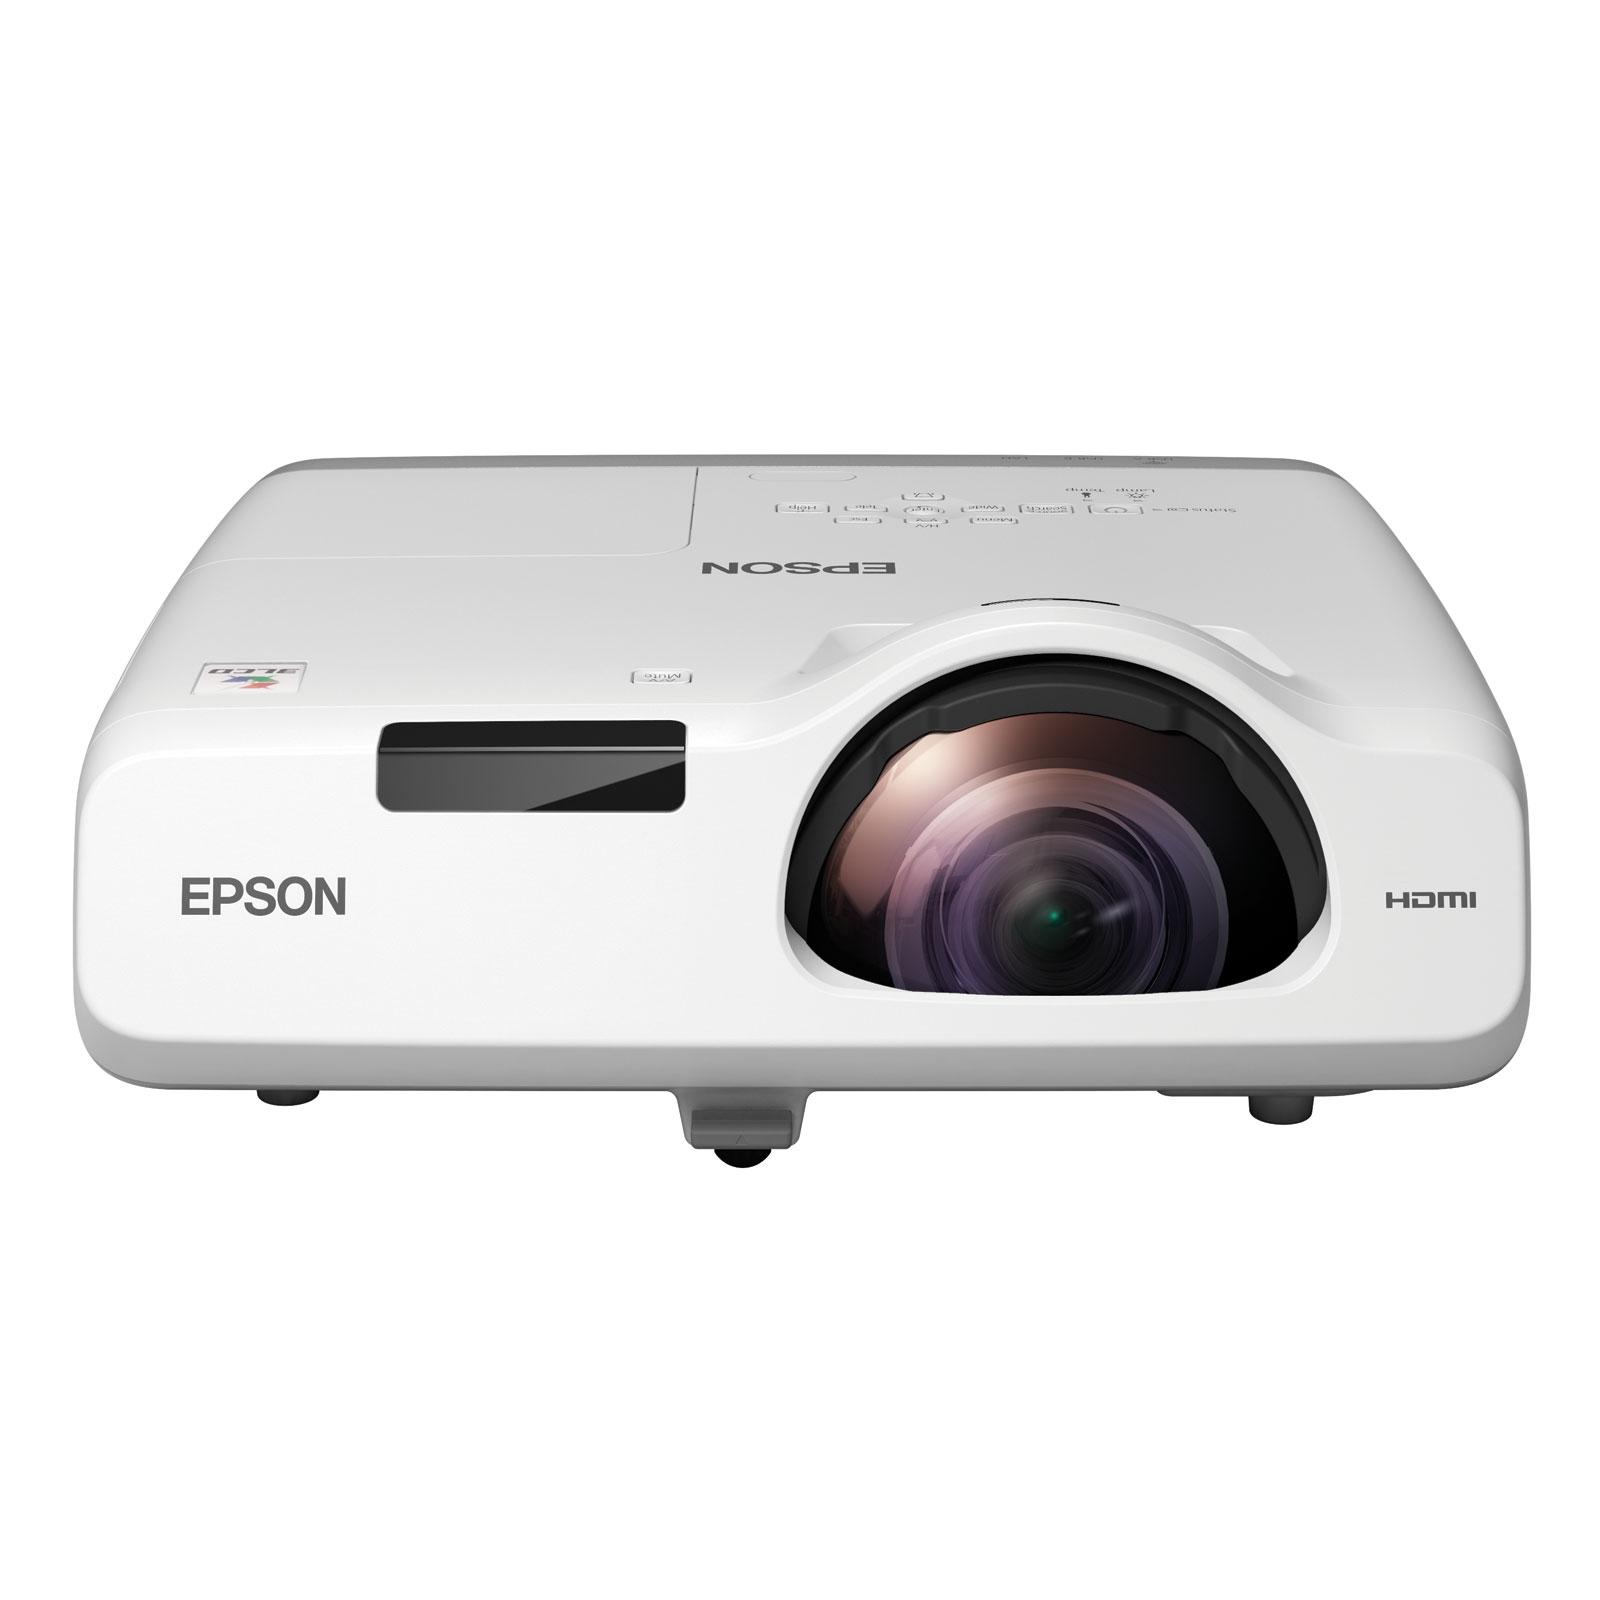 Epson eb 530 vid oprojecteur epson sur - Support plafond videoprojecteur epson ...